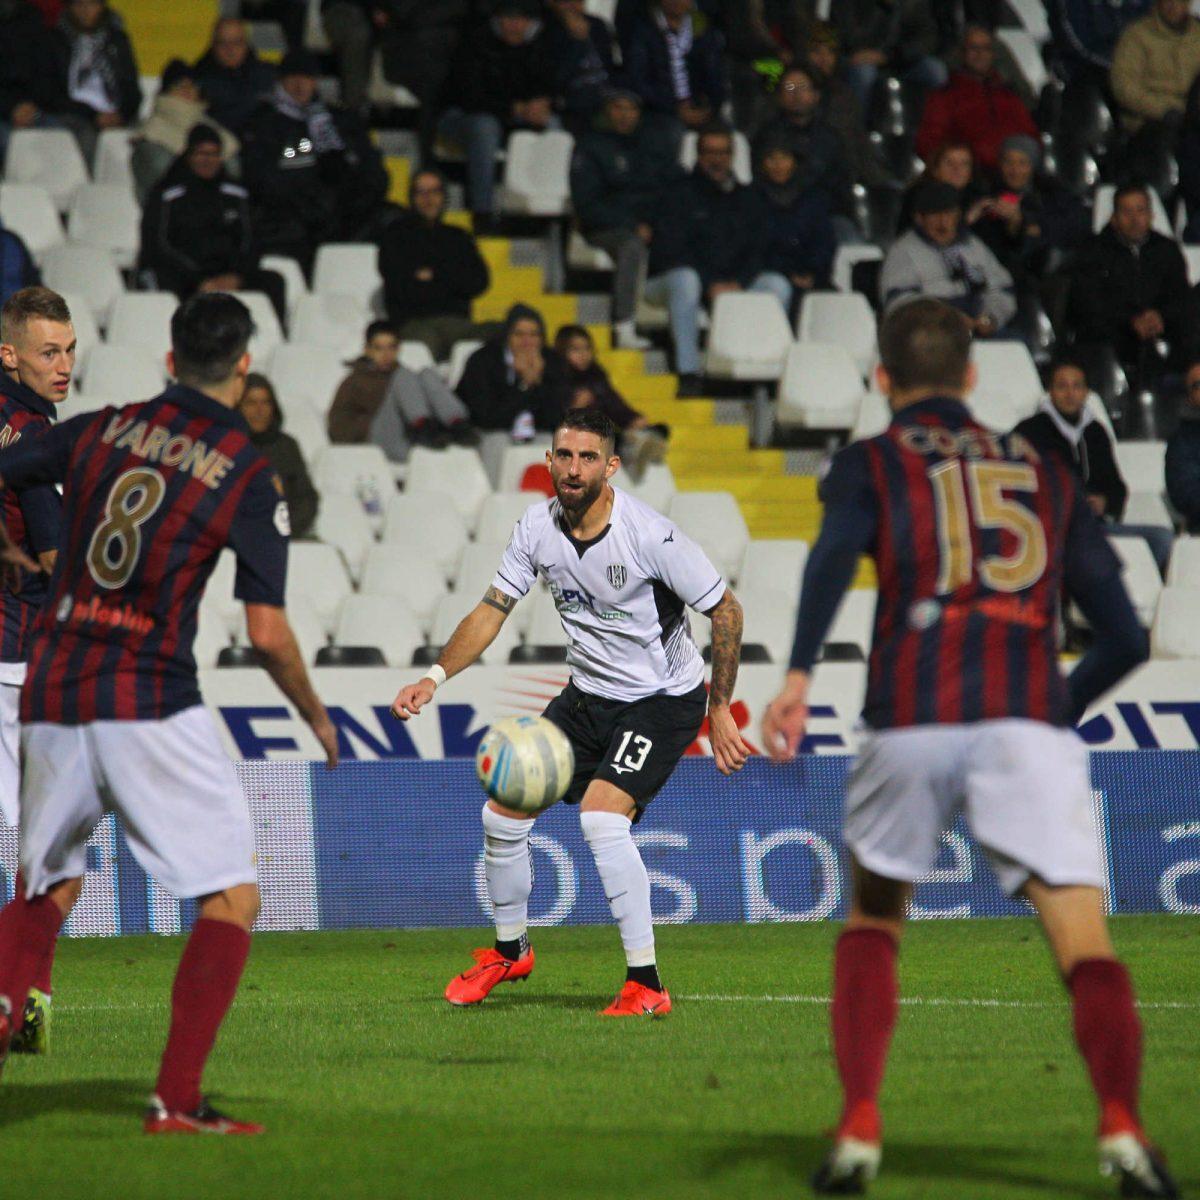 Calcio, Cesena: sospiro di sollievo per Ricci